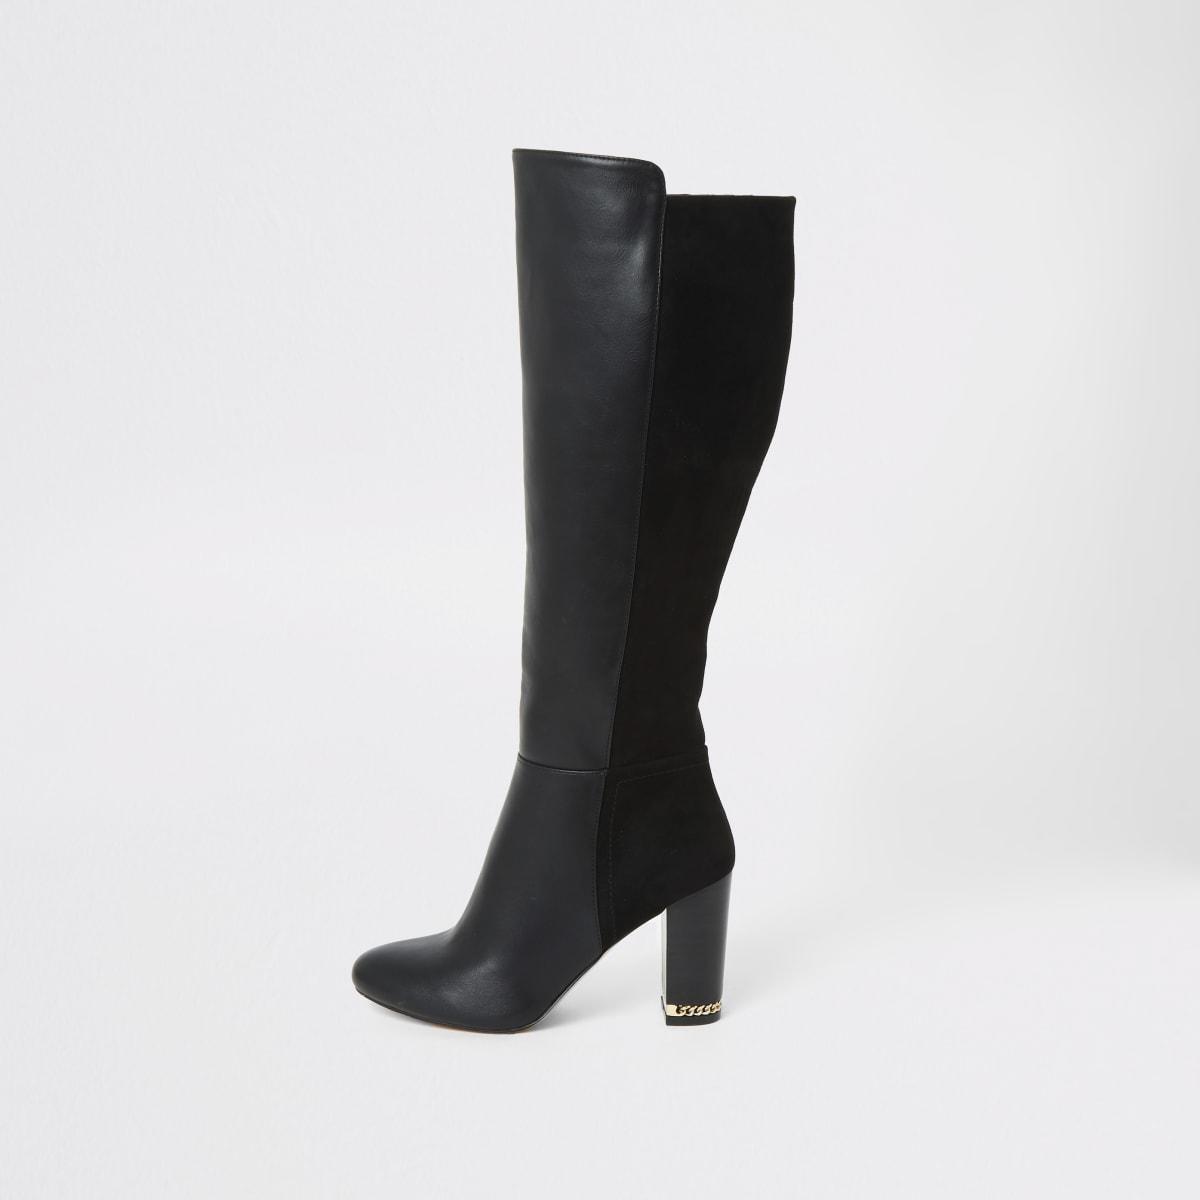 Kniehoge zwarte laarzen met hakken